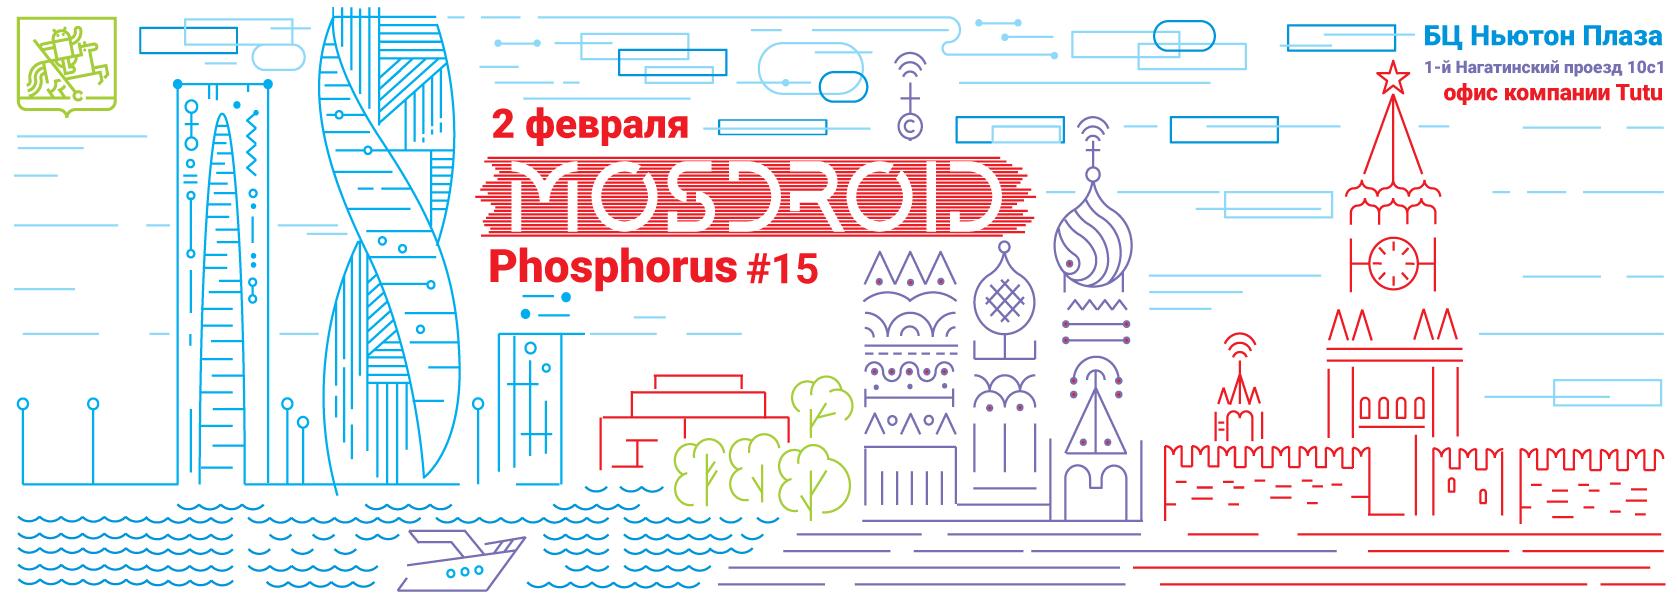 MOSDROID #15 Phosphorus - 1